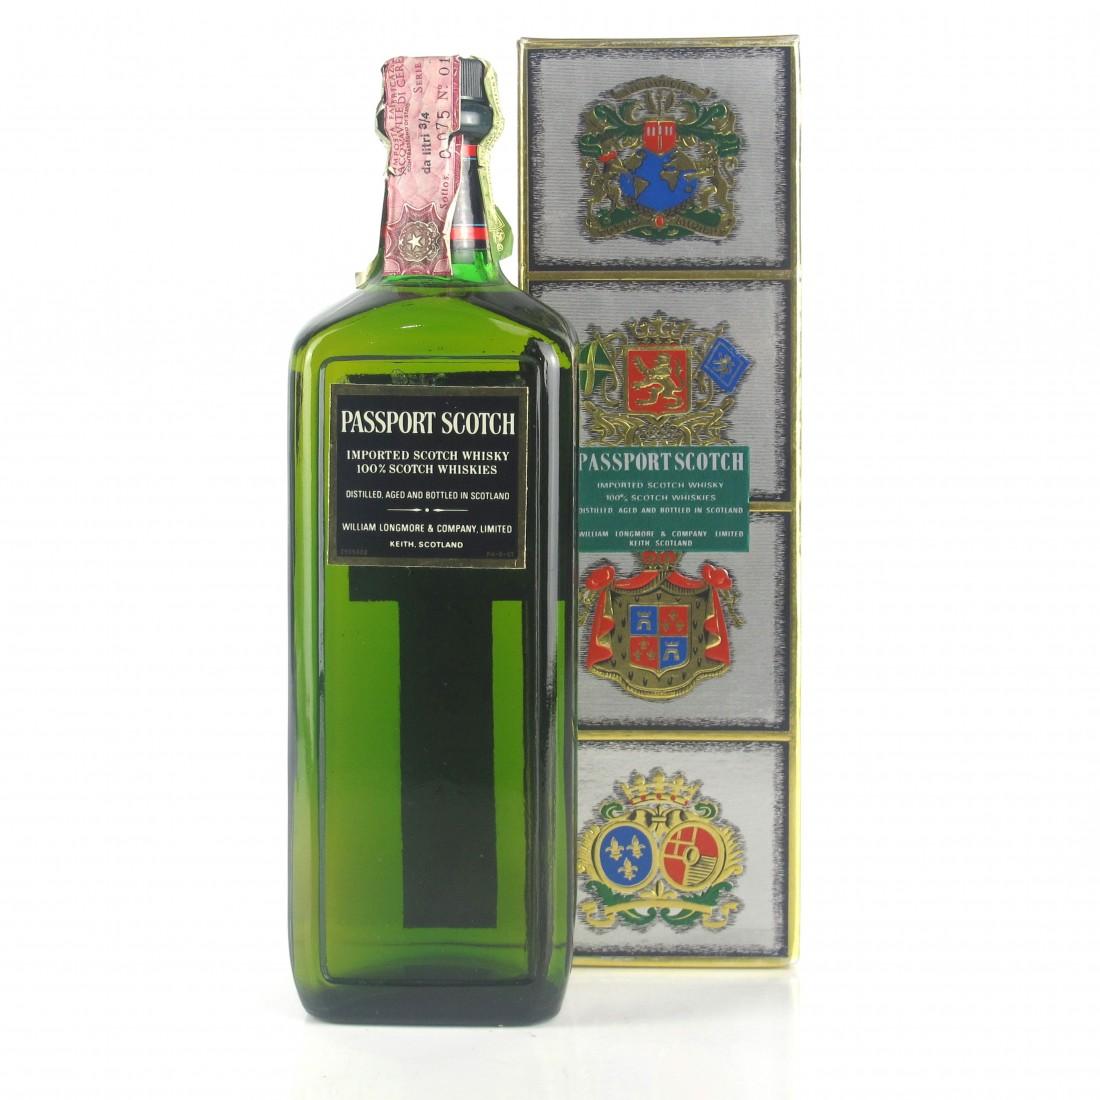 Passport Scotch Whisky 1970s / Ramazzotti Import